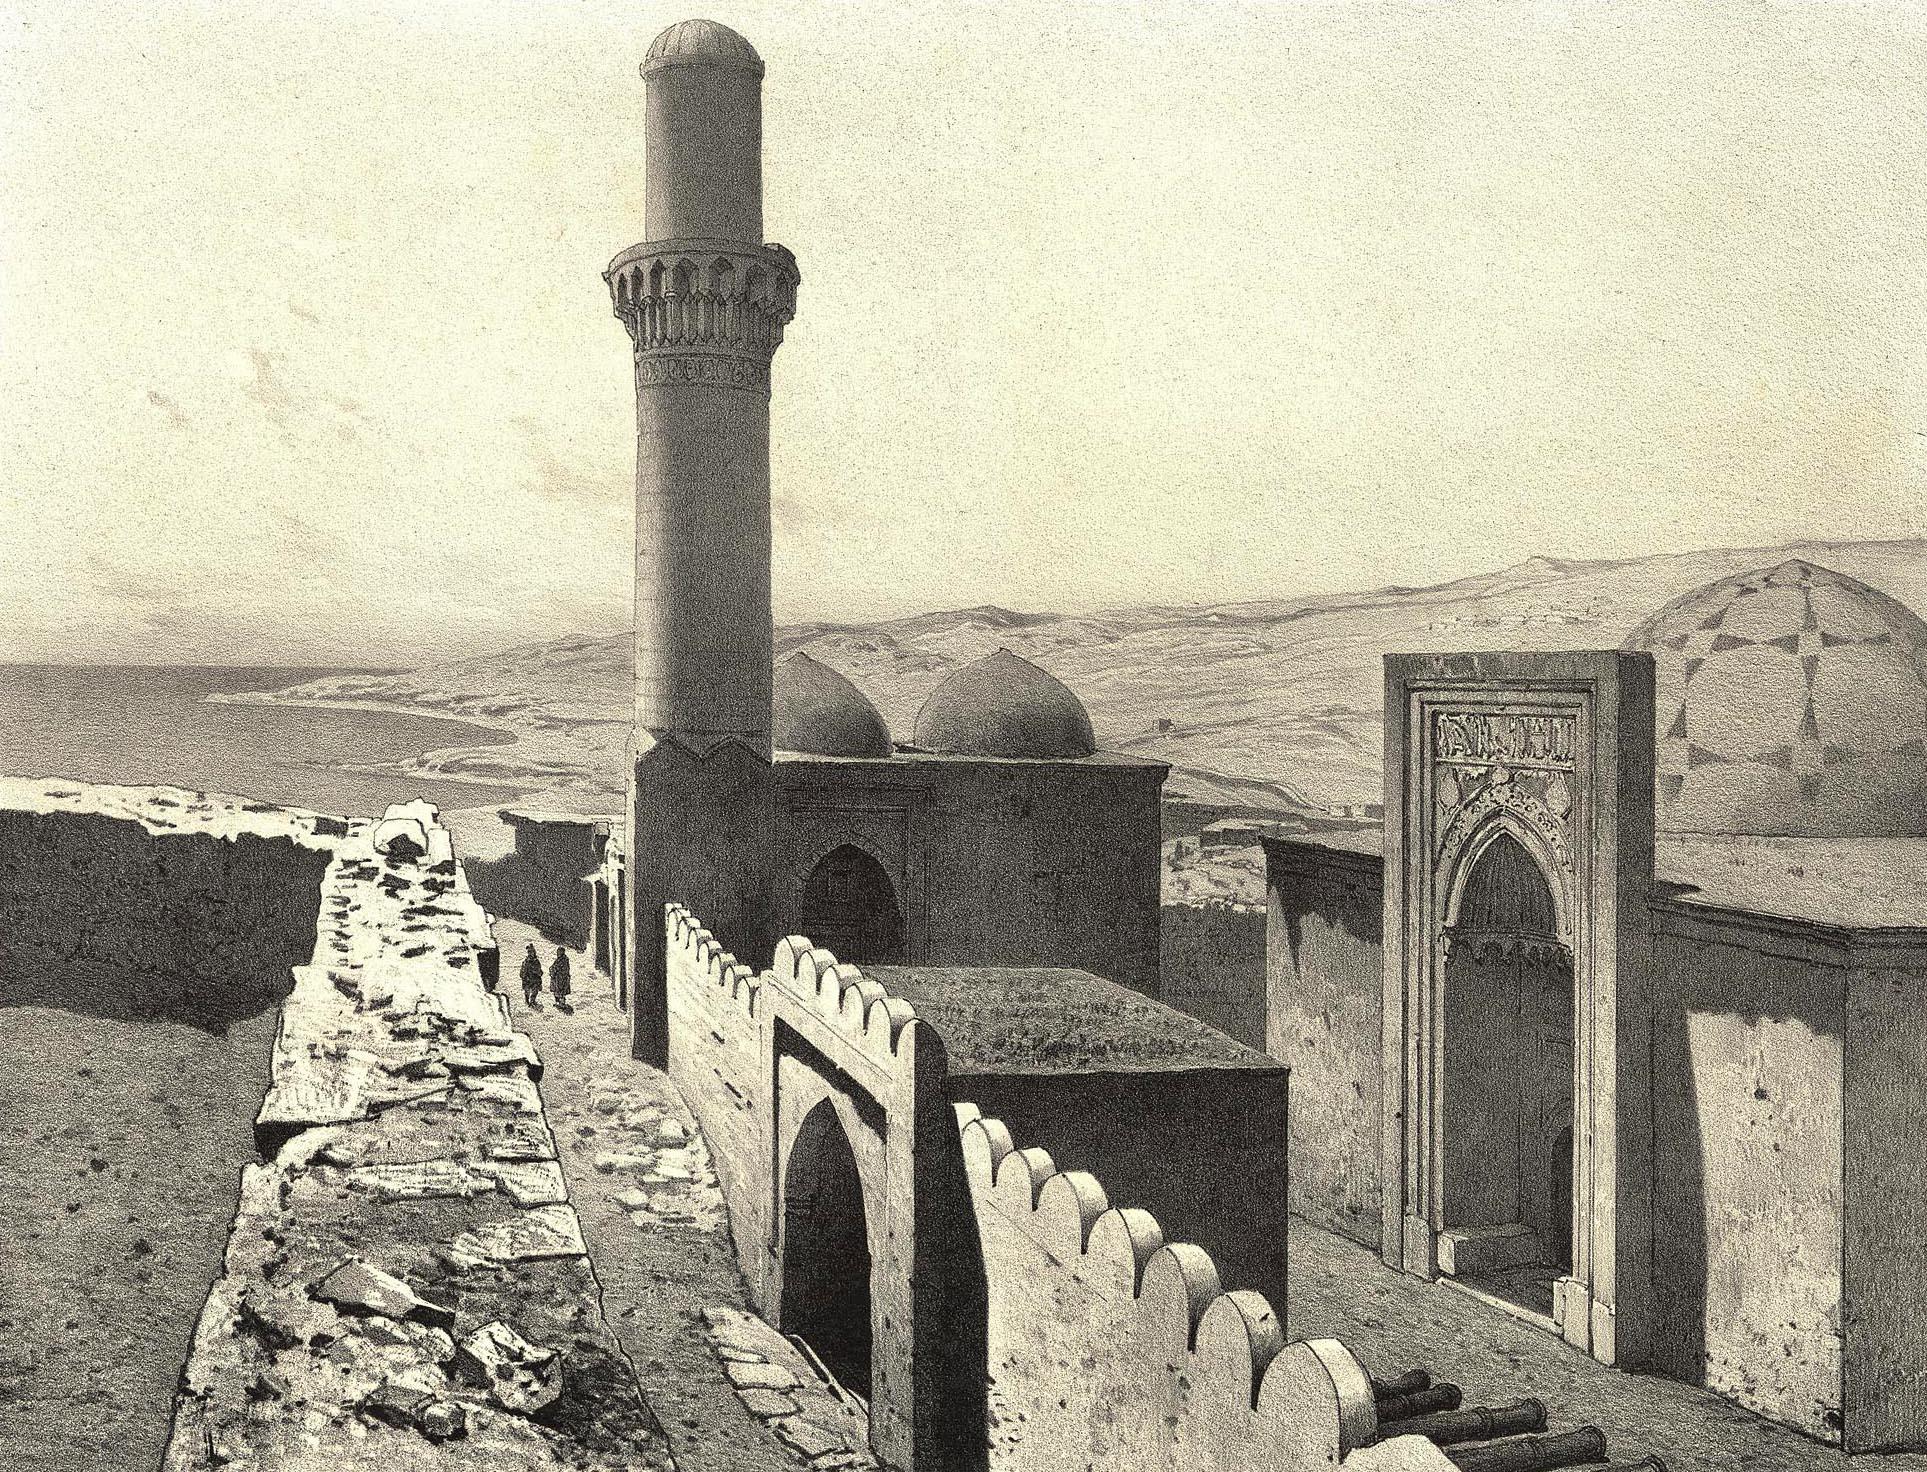 43. Abcheron. Palais du khan de Bakou / Абшерон. Ханский дворец в Баку